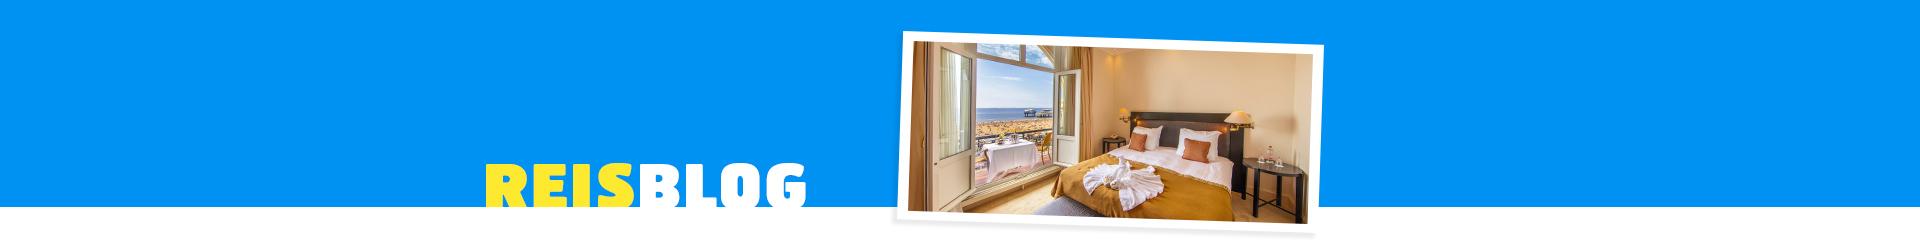 De leukste hotels aan de kust in België